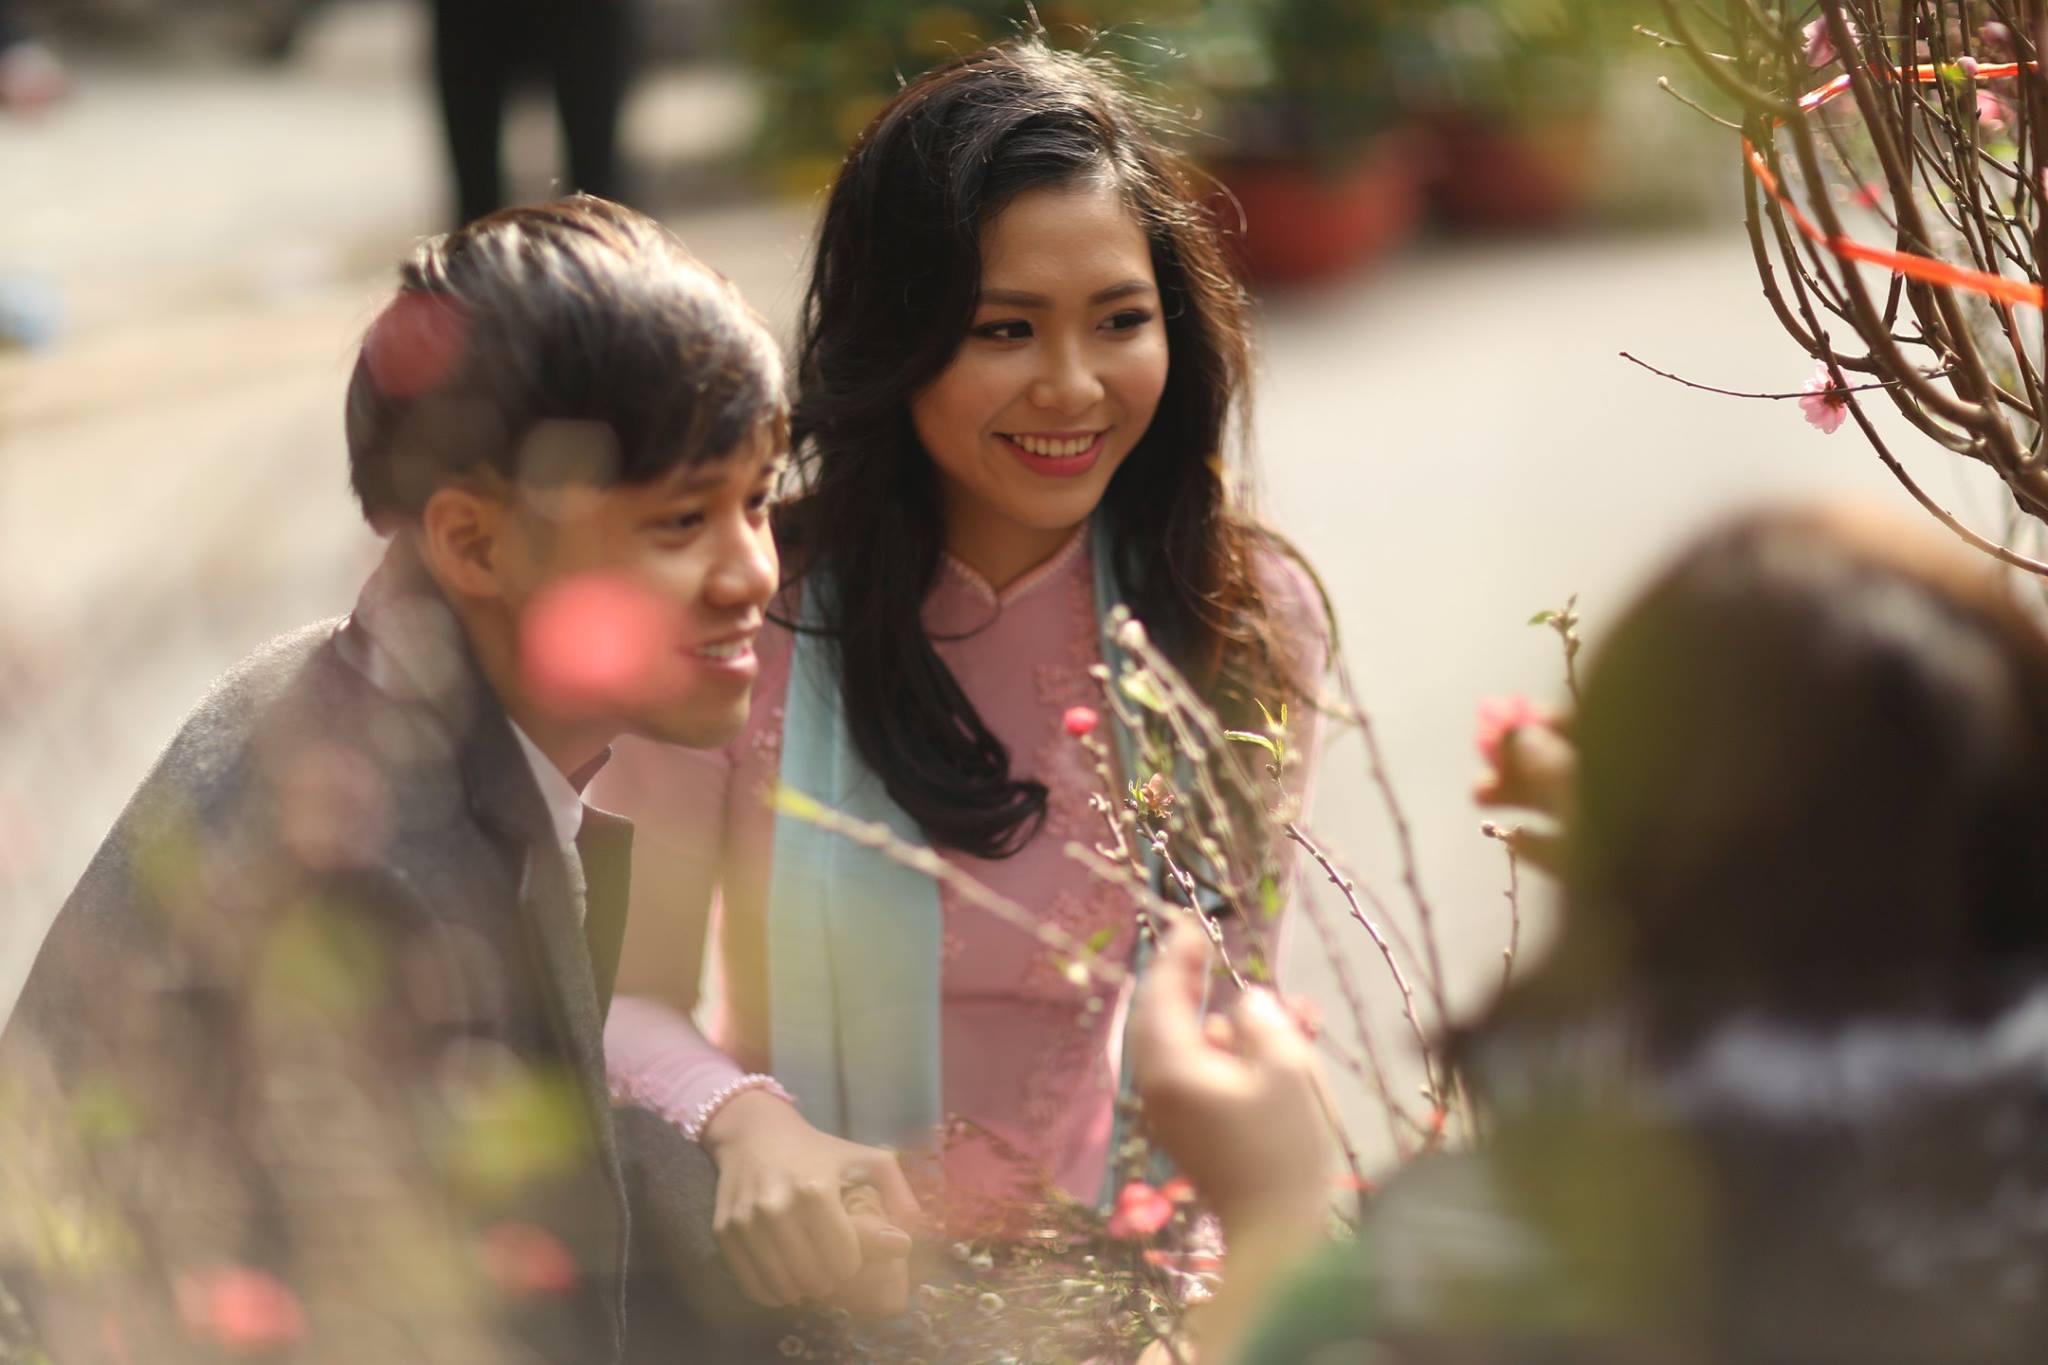 Thêm một thí sinh Hoa hậu hoàn vũ Việt Nam lên xe hoa - Ảnh 1